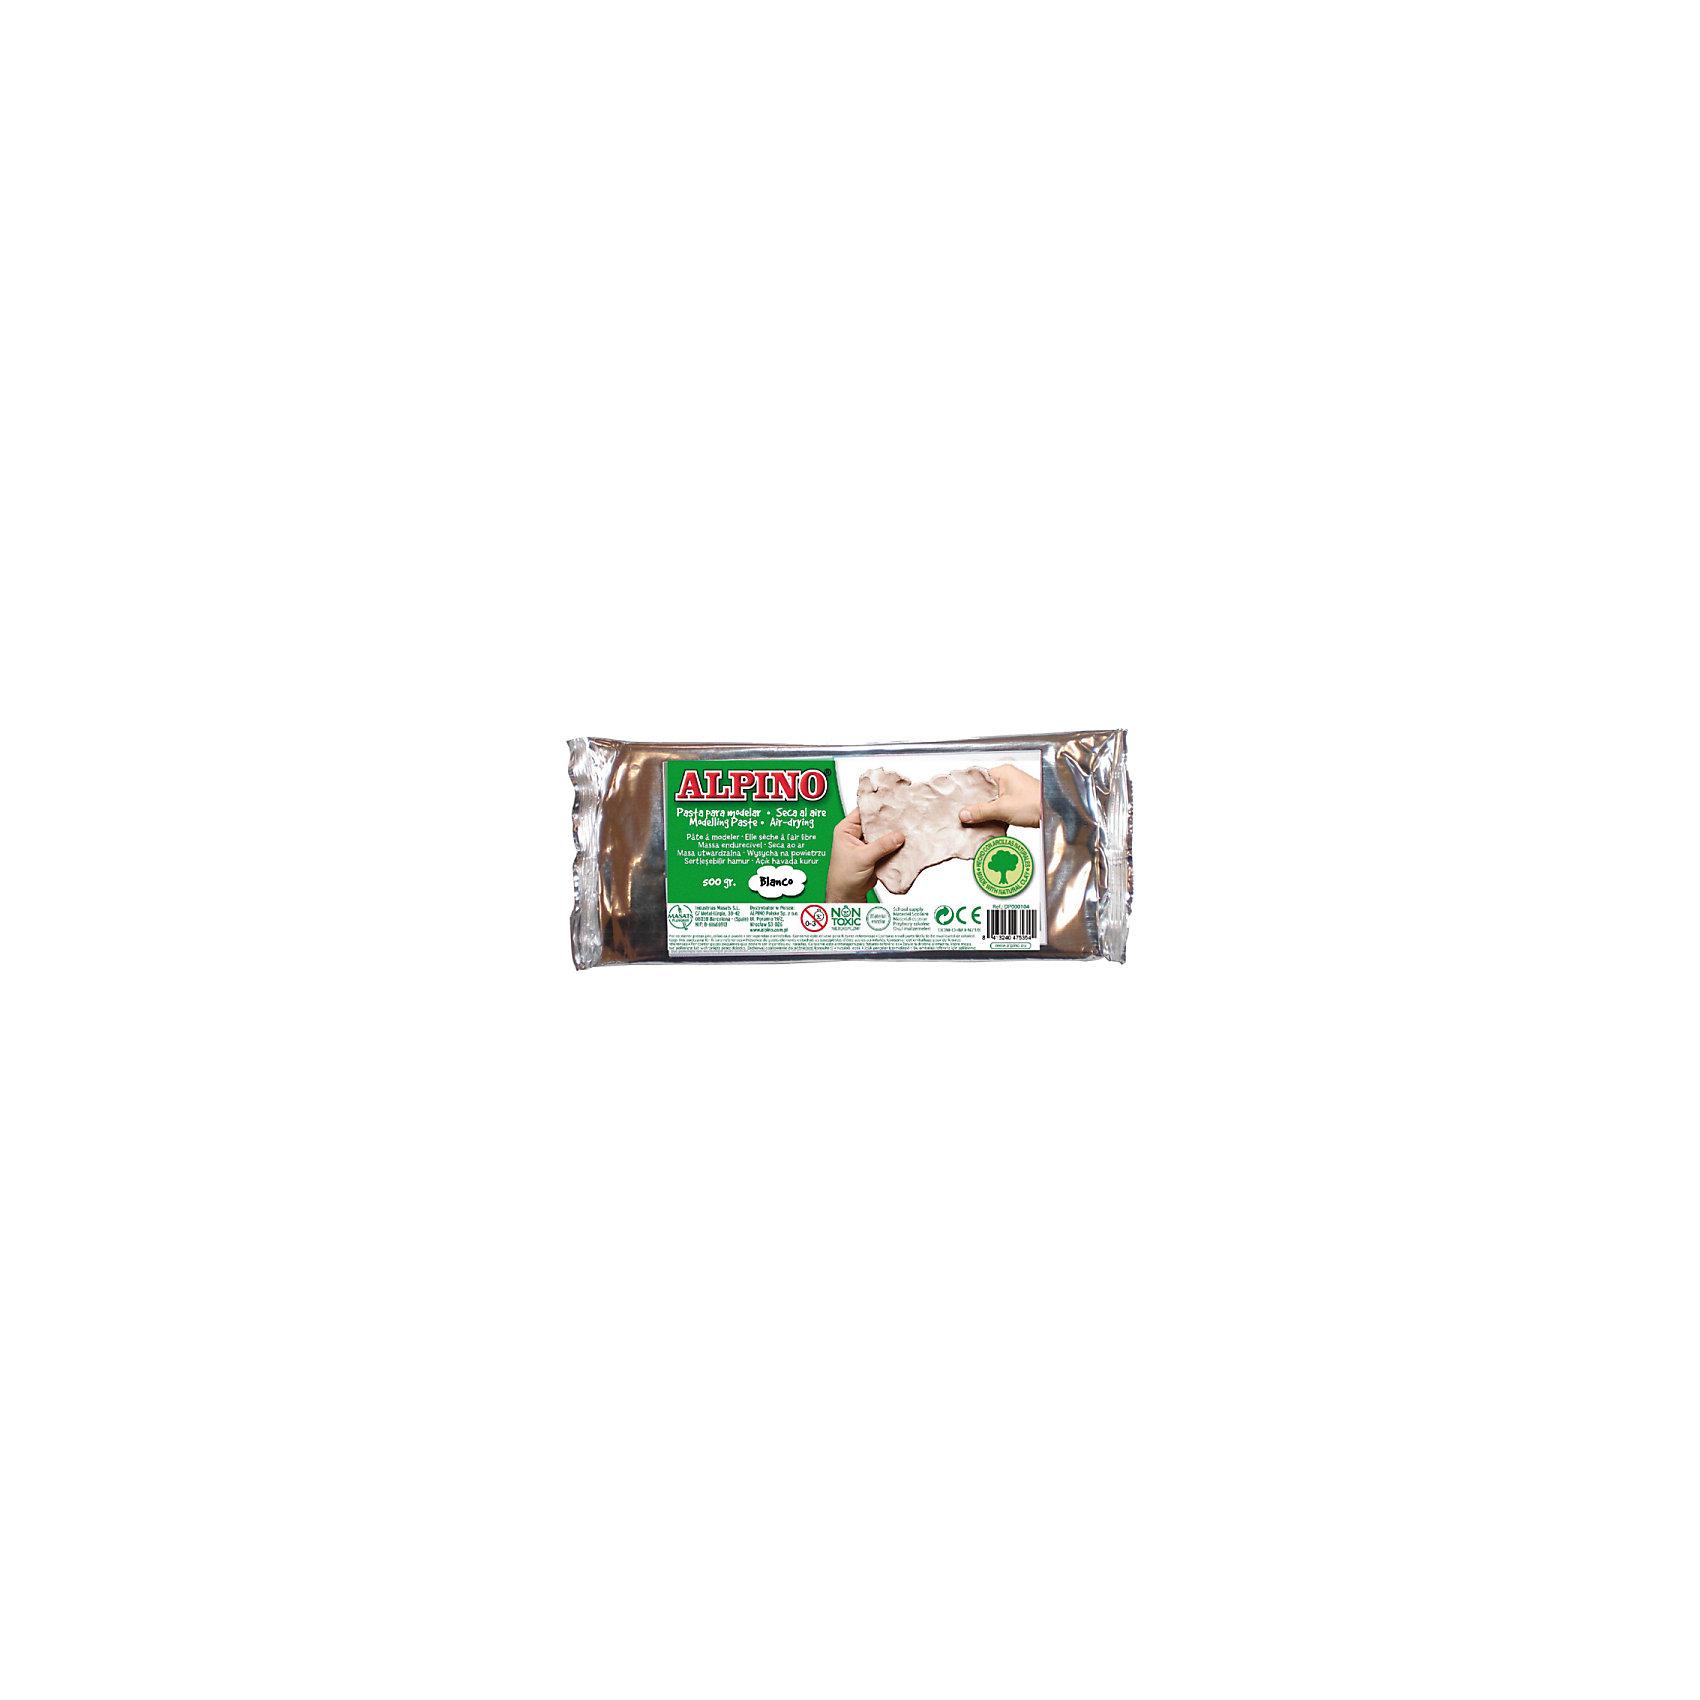 Паста для моделирования, 500гр, цвет белыйНаборы полимерной глины<br>Сертифицирована по европейским стандартам качества и безопасности (CE, EN 71/3), а также по ТР ТС для использования детьми от 3 лет<br>Состав: натуральная глина, органические (растительные) полимеры, экологически чистый пластификатор, вода<br>Основные свойства и параметры:<br>??Благодаря современным инновационным технологиям и старинным рецептам, передаваемым лучшими мастерами из поколения в поколение, состав и консистенция пасты (специально подготовленной натуральной глины) оптимально учитывают особенности детского творчества<br>??Мягкая и необыкновенно пластичная консистенция стабильно сохраняет свои свойства в широком температурном режиме<br>??Удивительно податливый и приятный материал для прикладного творчества, который легко разминается и не требует никакой дополнительной подготовки к использованию<br>??Кусочки пасты (глины) хорошо прилипают друг к другу и превосходно держат форму, что позволяет лепить различные, в том числе, мелкие по размеру и сложные детали<br>??Пластичность пасты (глины) вполне соответствует параметрам качественного пластилина<br>??Смывается с кожи рук теплой водой без мыла, легко удаляется с детской одежды, а также других тканей в режиме обычной стирки<br>??Не имеет запаха, не оставляет жирных пятен<br>??Готовые поделки из пасты (глины) отвердевают на воздухе через несколько часов, не давая трещин, их не нужно сушить в духовке и, тем более, обжигать<br>??Высохшая паста (глина) может раскрашиваться в любые цвета с помощью темперных, акриловых, пальчиковых красок, гуаши, фломастеров, маркеров, гель-красок с блёстками для декорирования, восковыми карандашами, восковой пастелью и даже аквагримом и др. материалами, пригодными для нанесения на высохшую глину<br>??Срок годности пасты в герметичной фольгированной упаковке не ограничен<br>Производитель: ALPINO (Испания)<br><br>Ширина мм: 250<br>Глубина мм: 15<br>Высота мм: 105<br>Вес г: 525<br>Возраст от месяцев: 36<br>Возраст до 